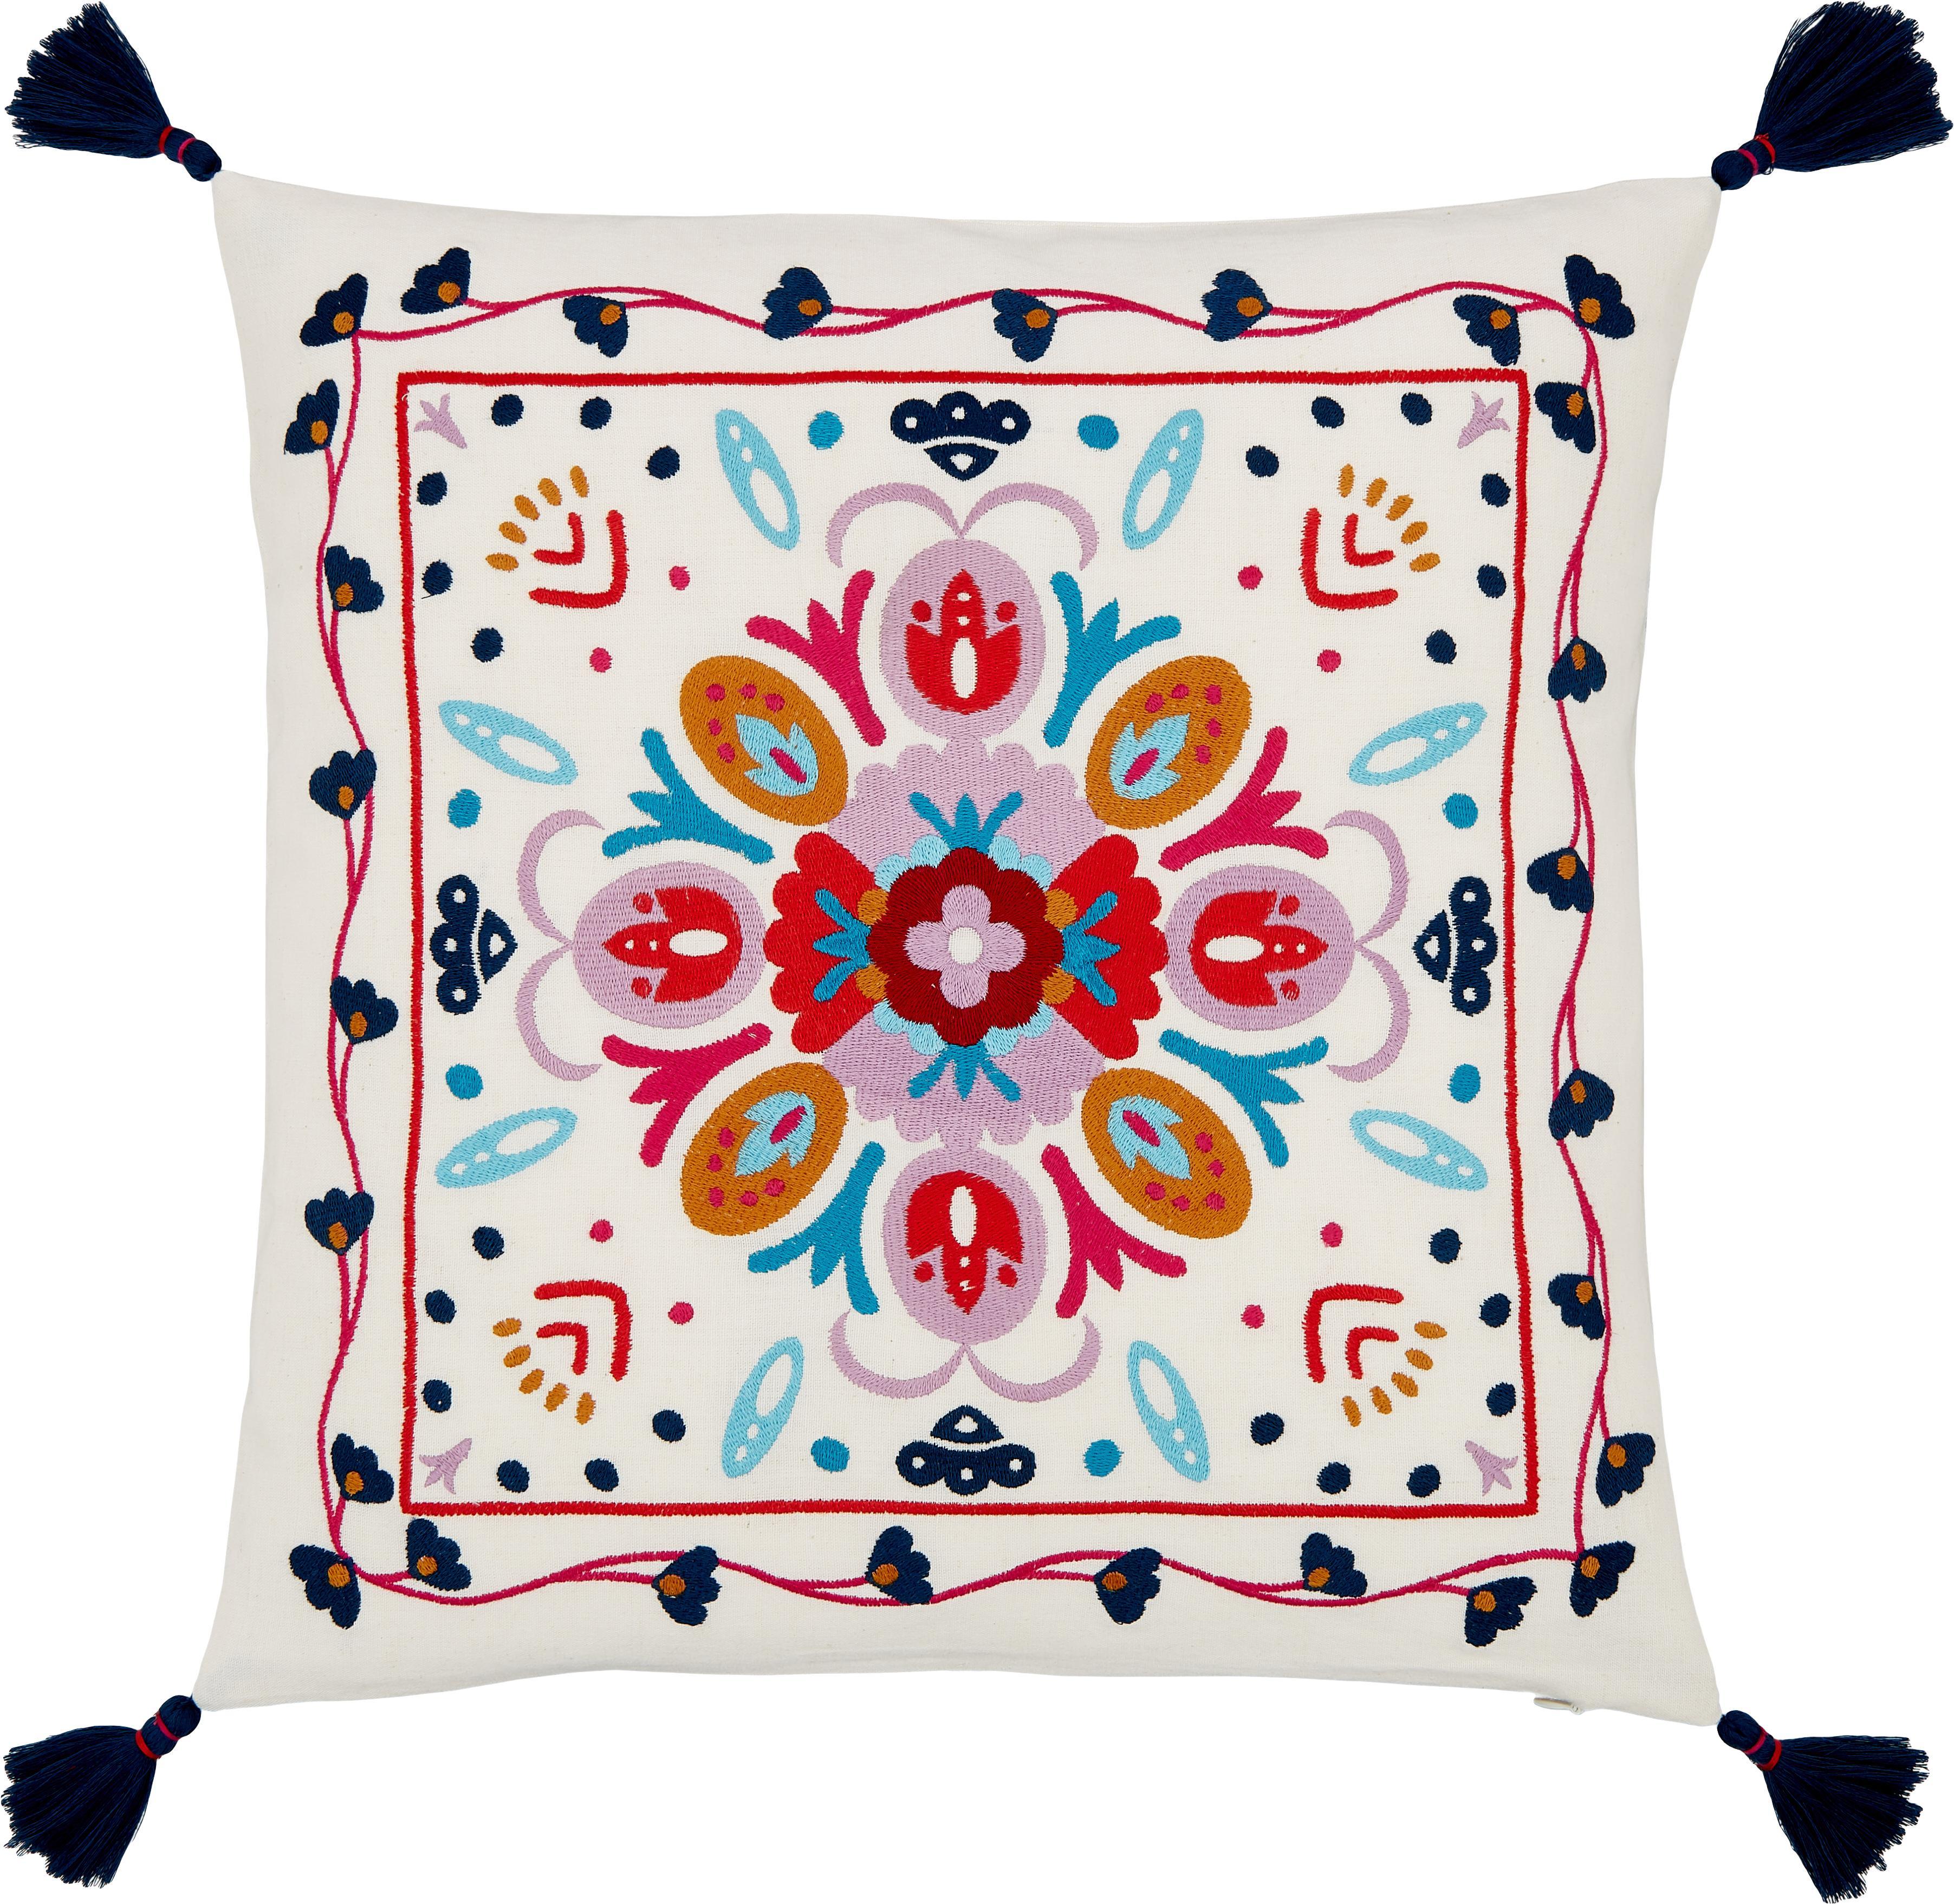 Kleurrijk geborduurde kussenhoes Flower Power, 100% katoen, Crèmewit, multicolour, 45 x 45 cm